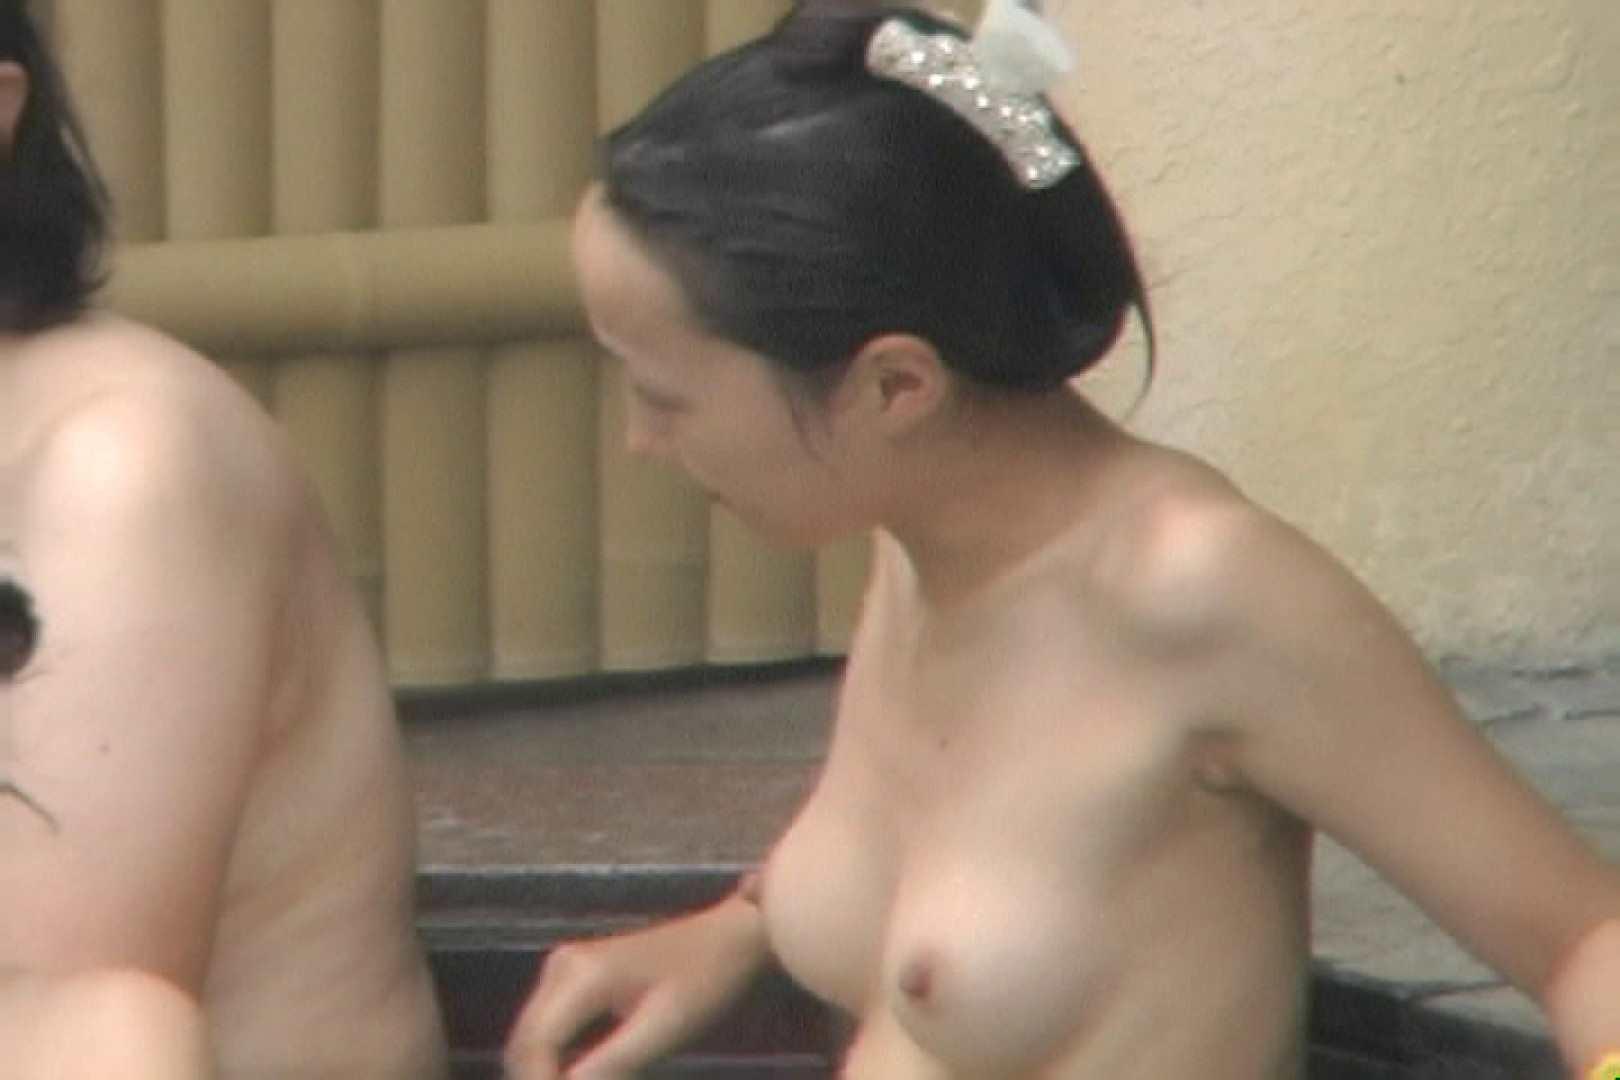 Aquaな露天風呂Vol.41 美しいOLの裸体  107pic 60